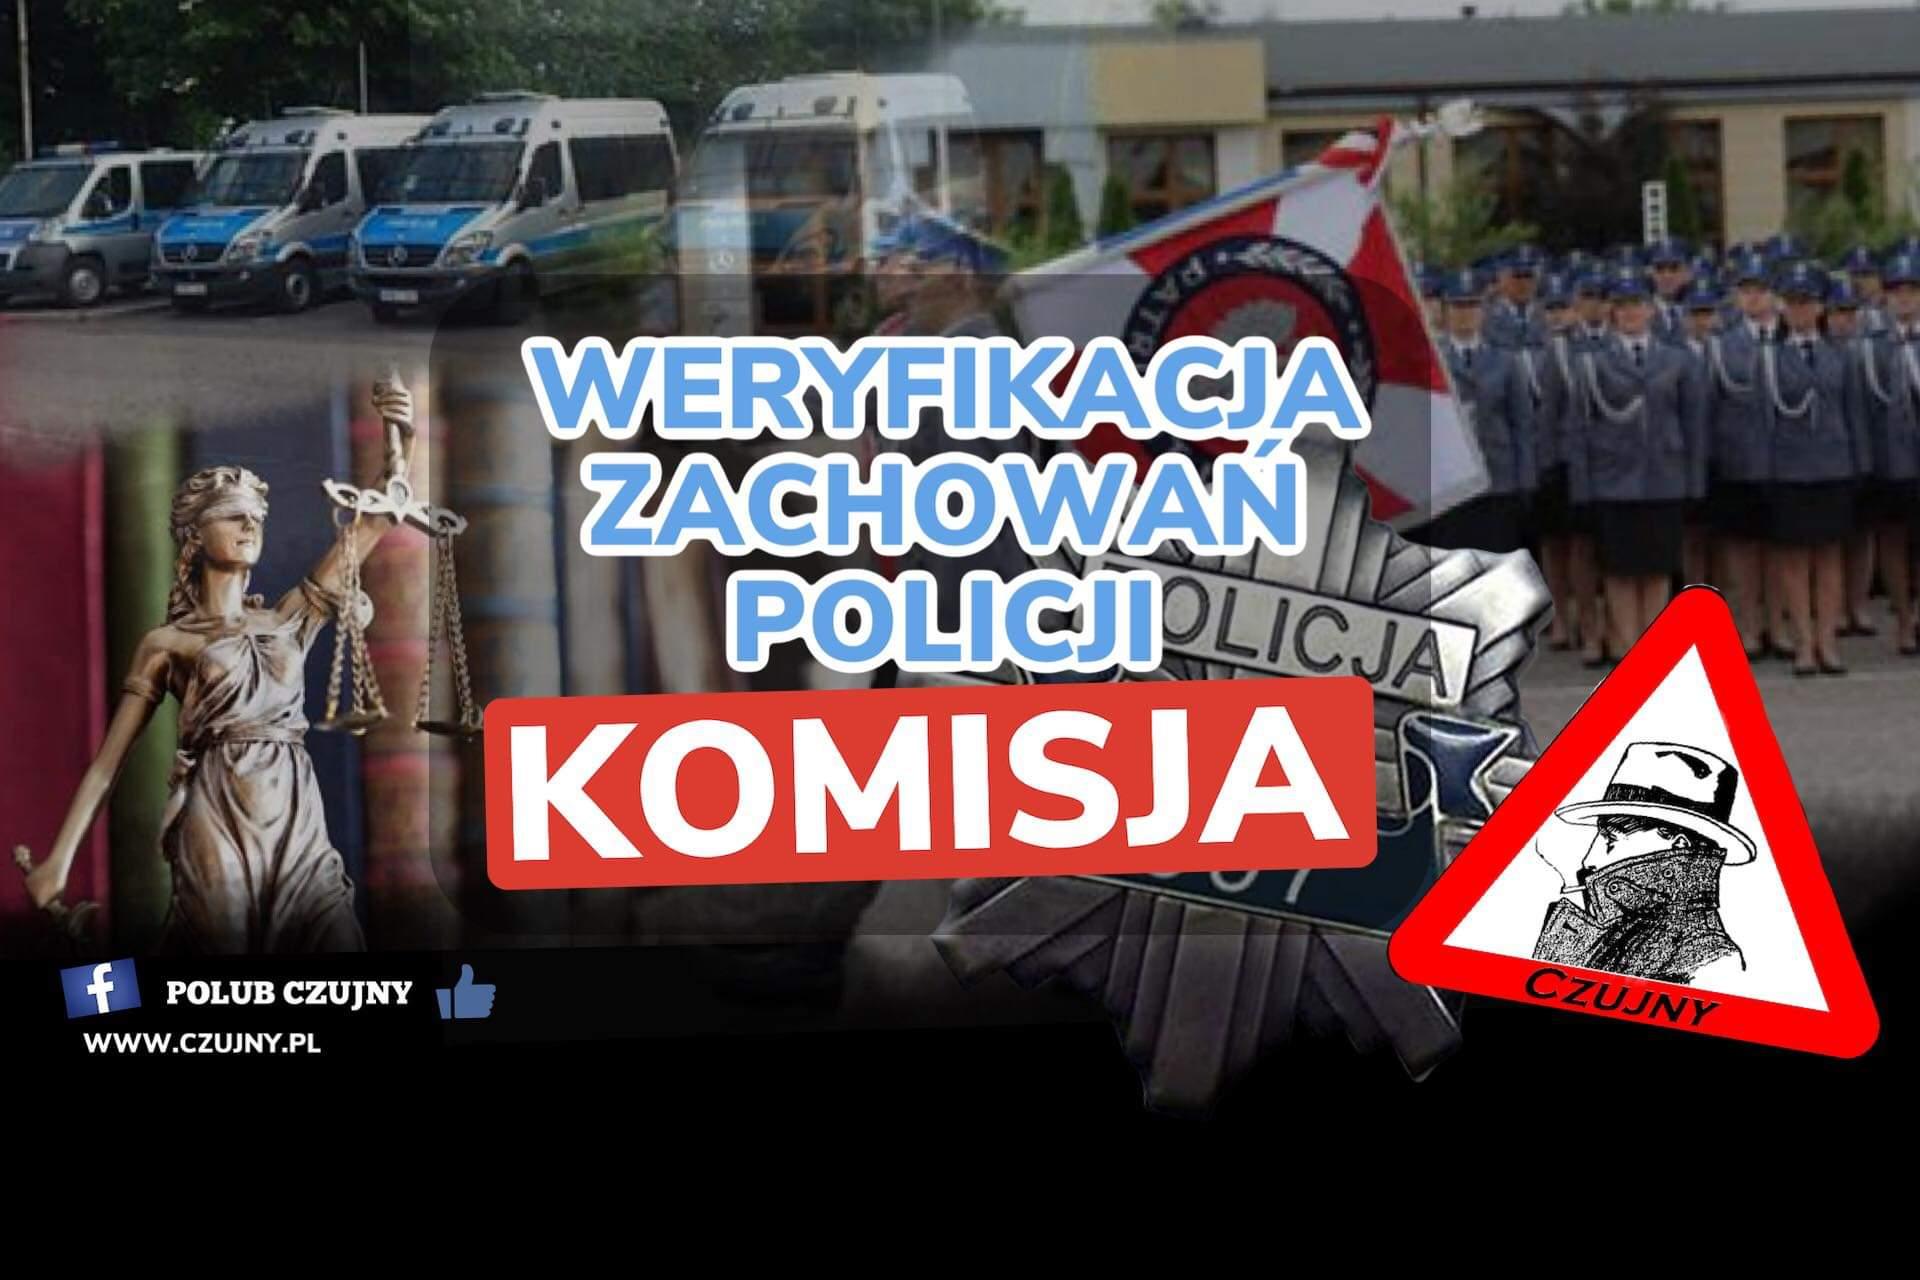 Komisja weryfikująca zachowania policji? Chcą wydalenia, pozbawienia emerytur i zakazu(…)